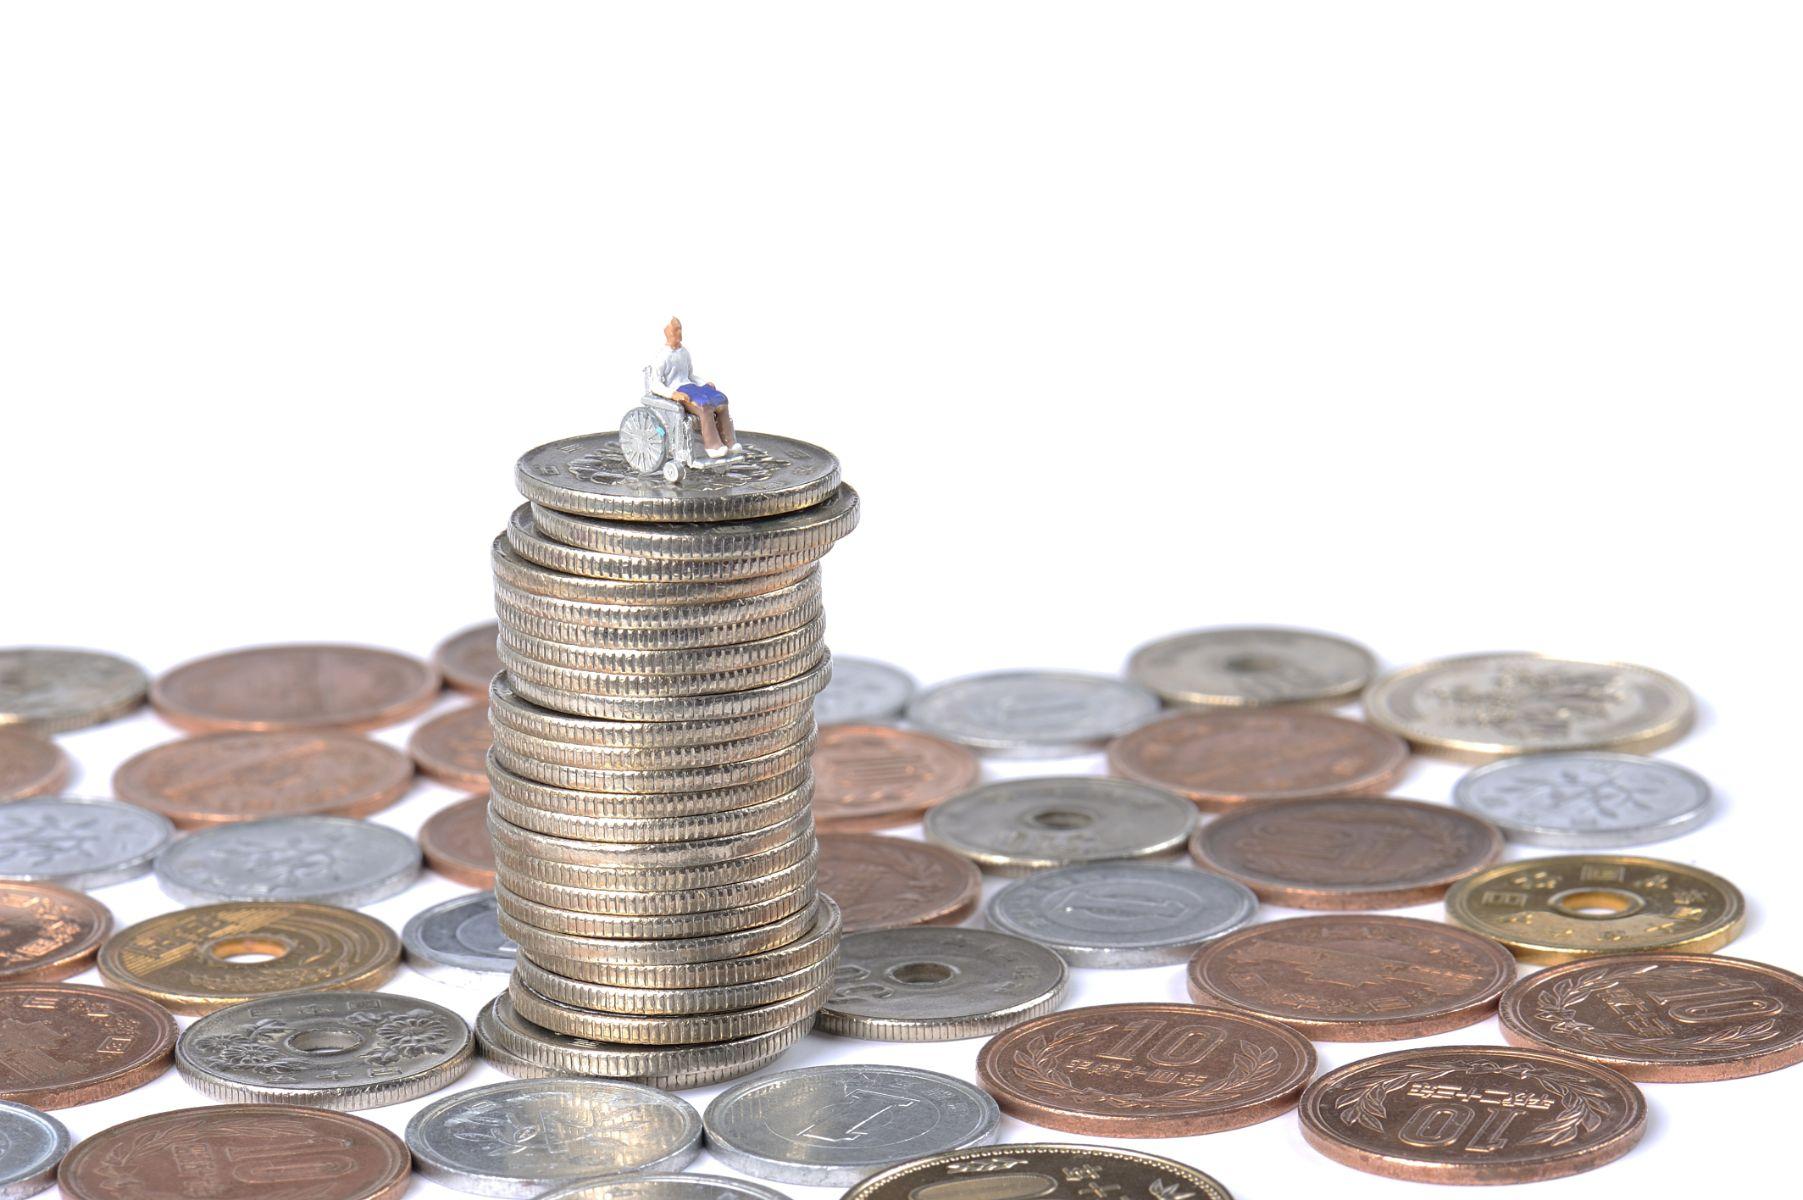 miniatura de um cadeirante ou pessoa com deficiencia pcd sobre moedas representando isenco de impostos como ipva ipi e icms